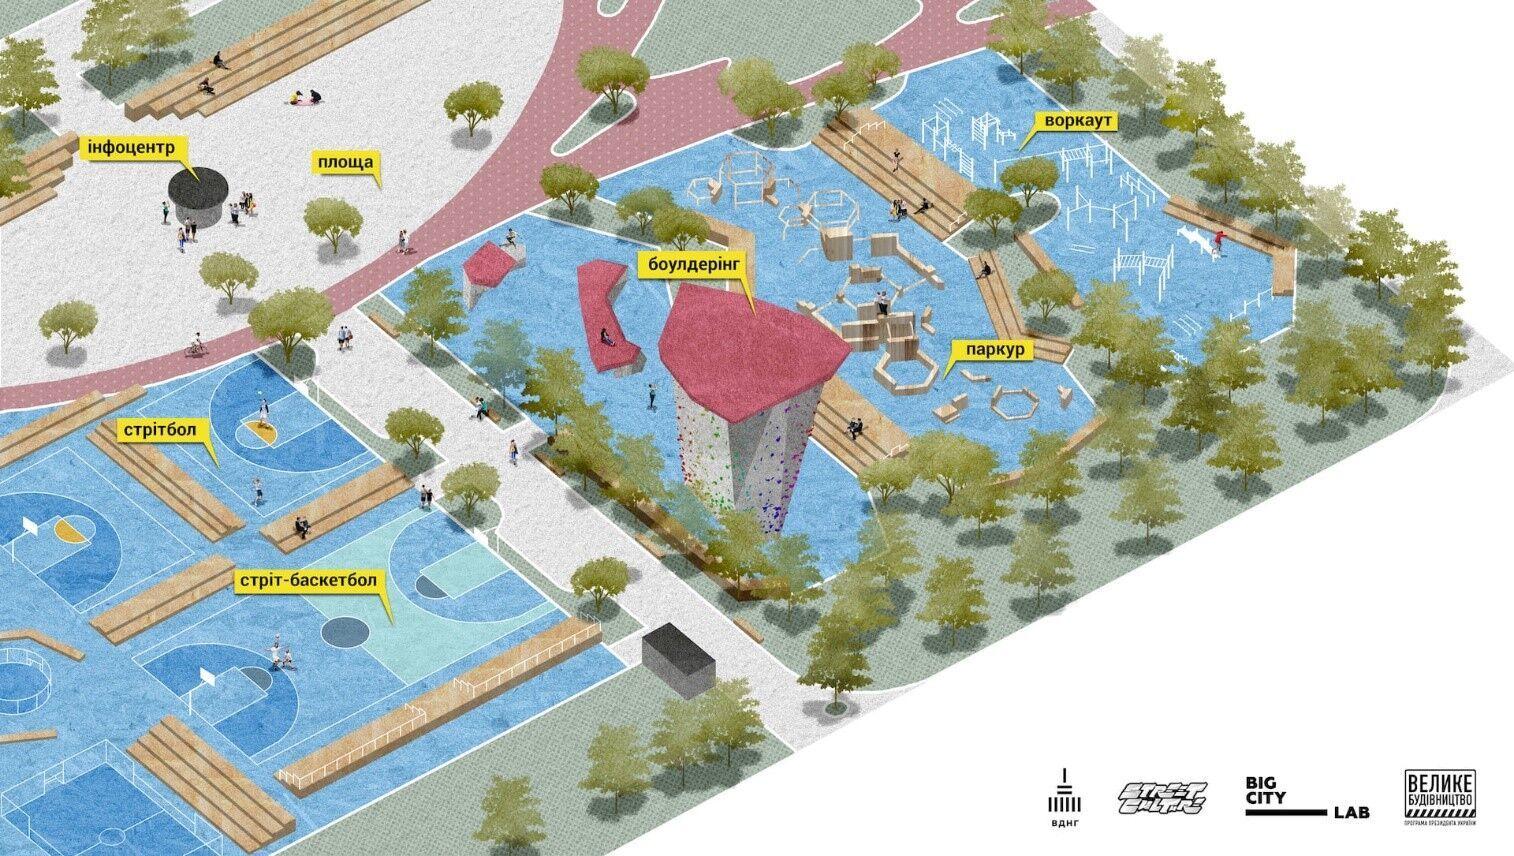 Парк будет разбит на зоны для различных видов спорта